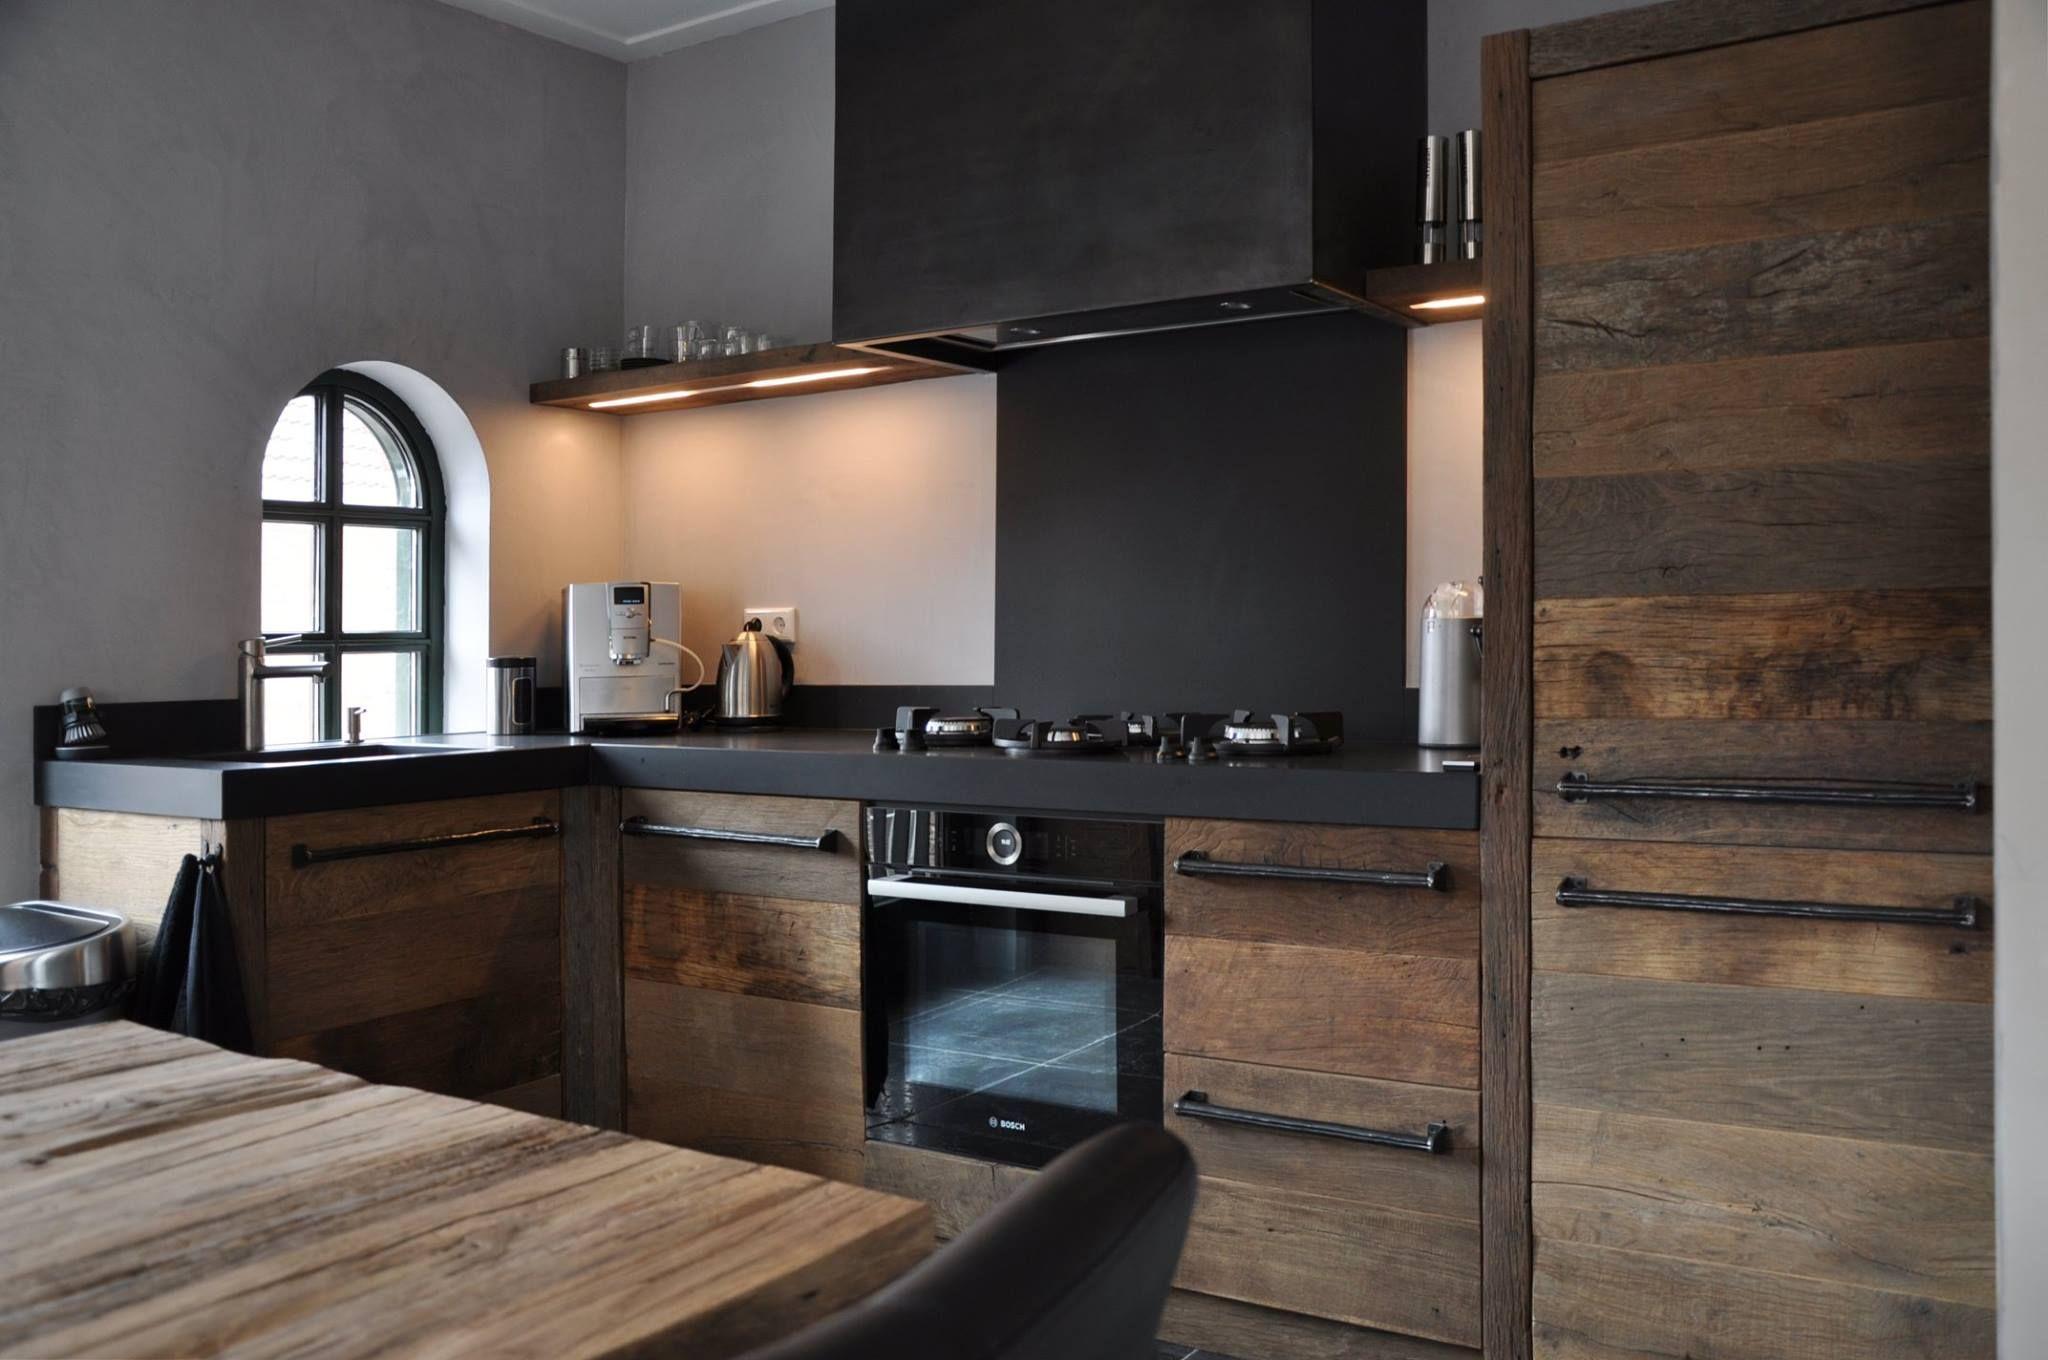 Restylexl keuken oud eikenhout product in beeld startpagina voor keuken idee n uw keuken - Mode keuken deco ...